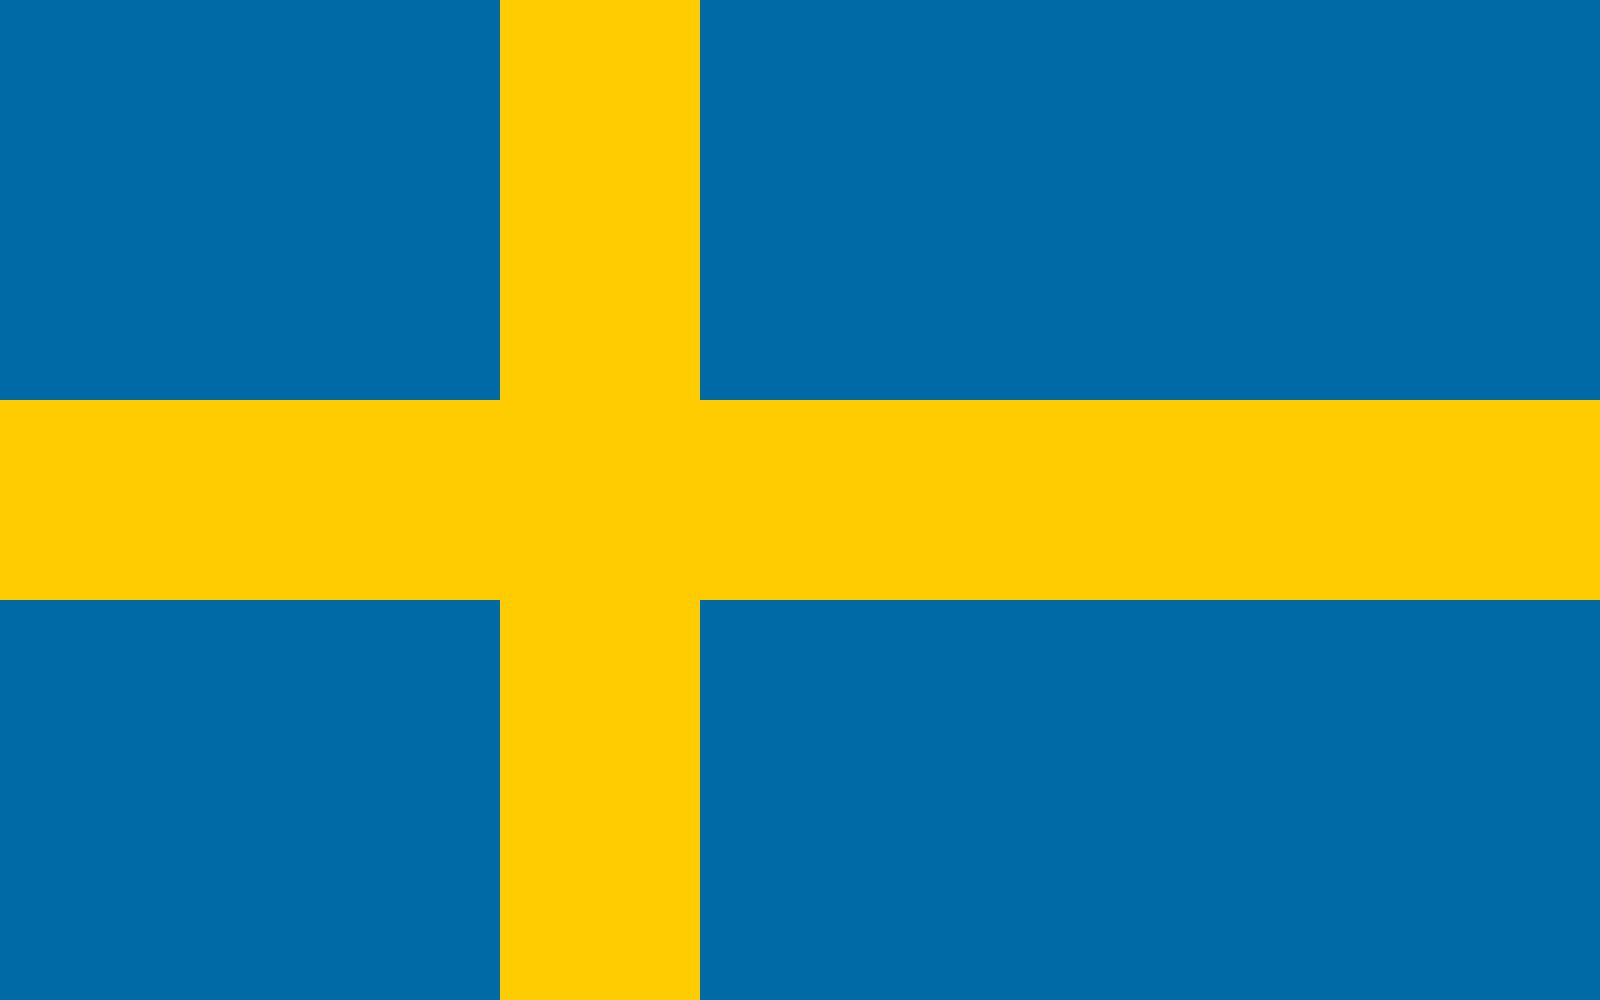 Sweden - Flag